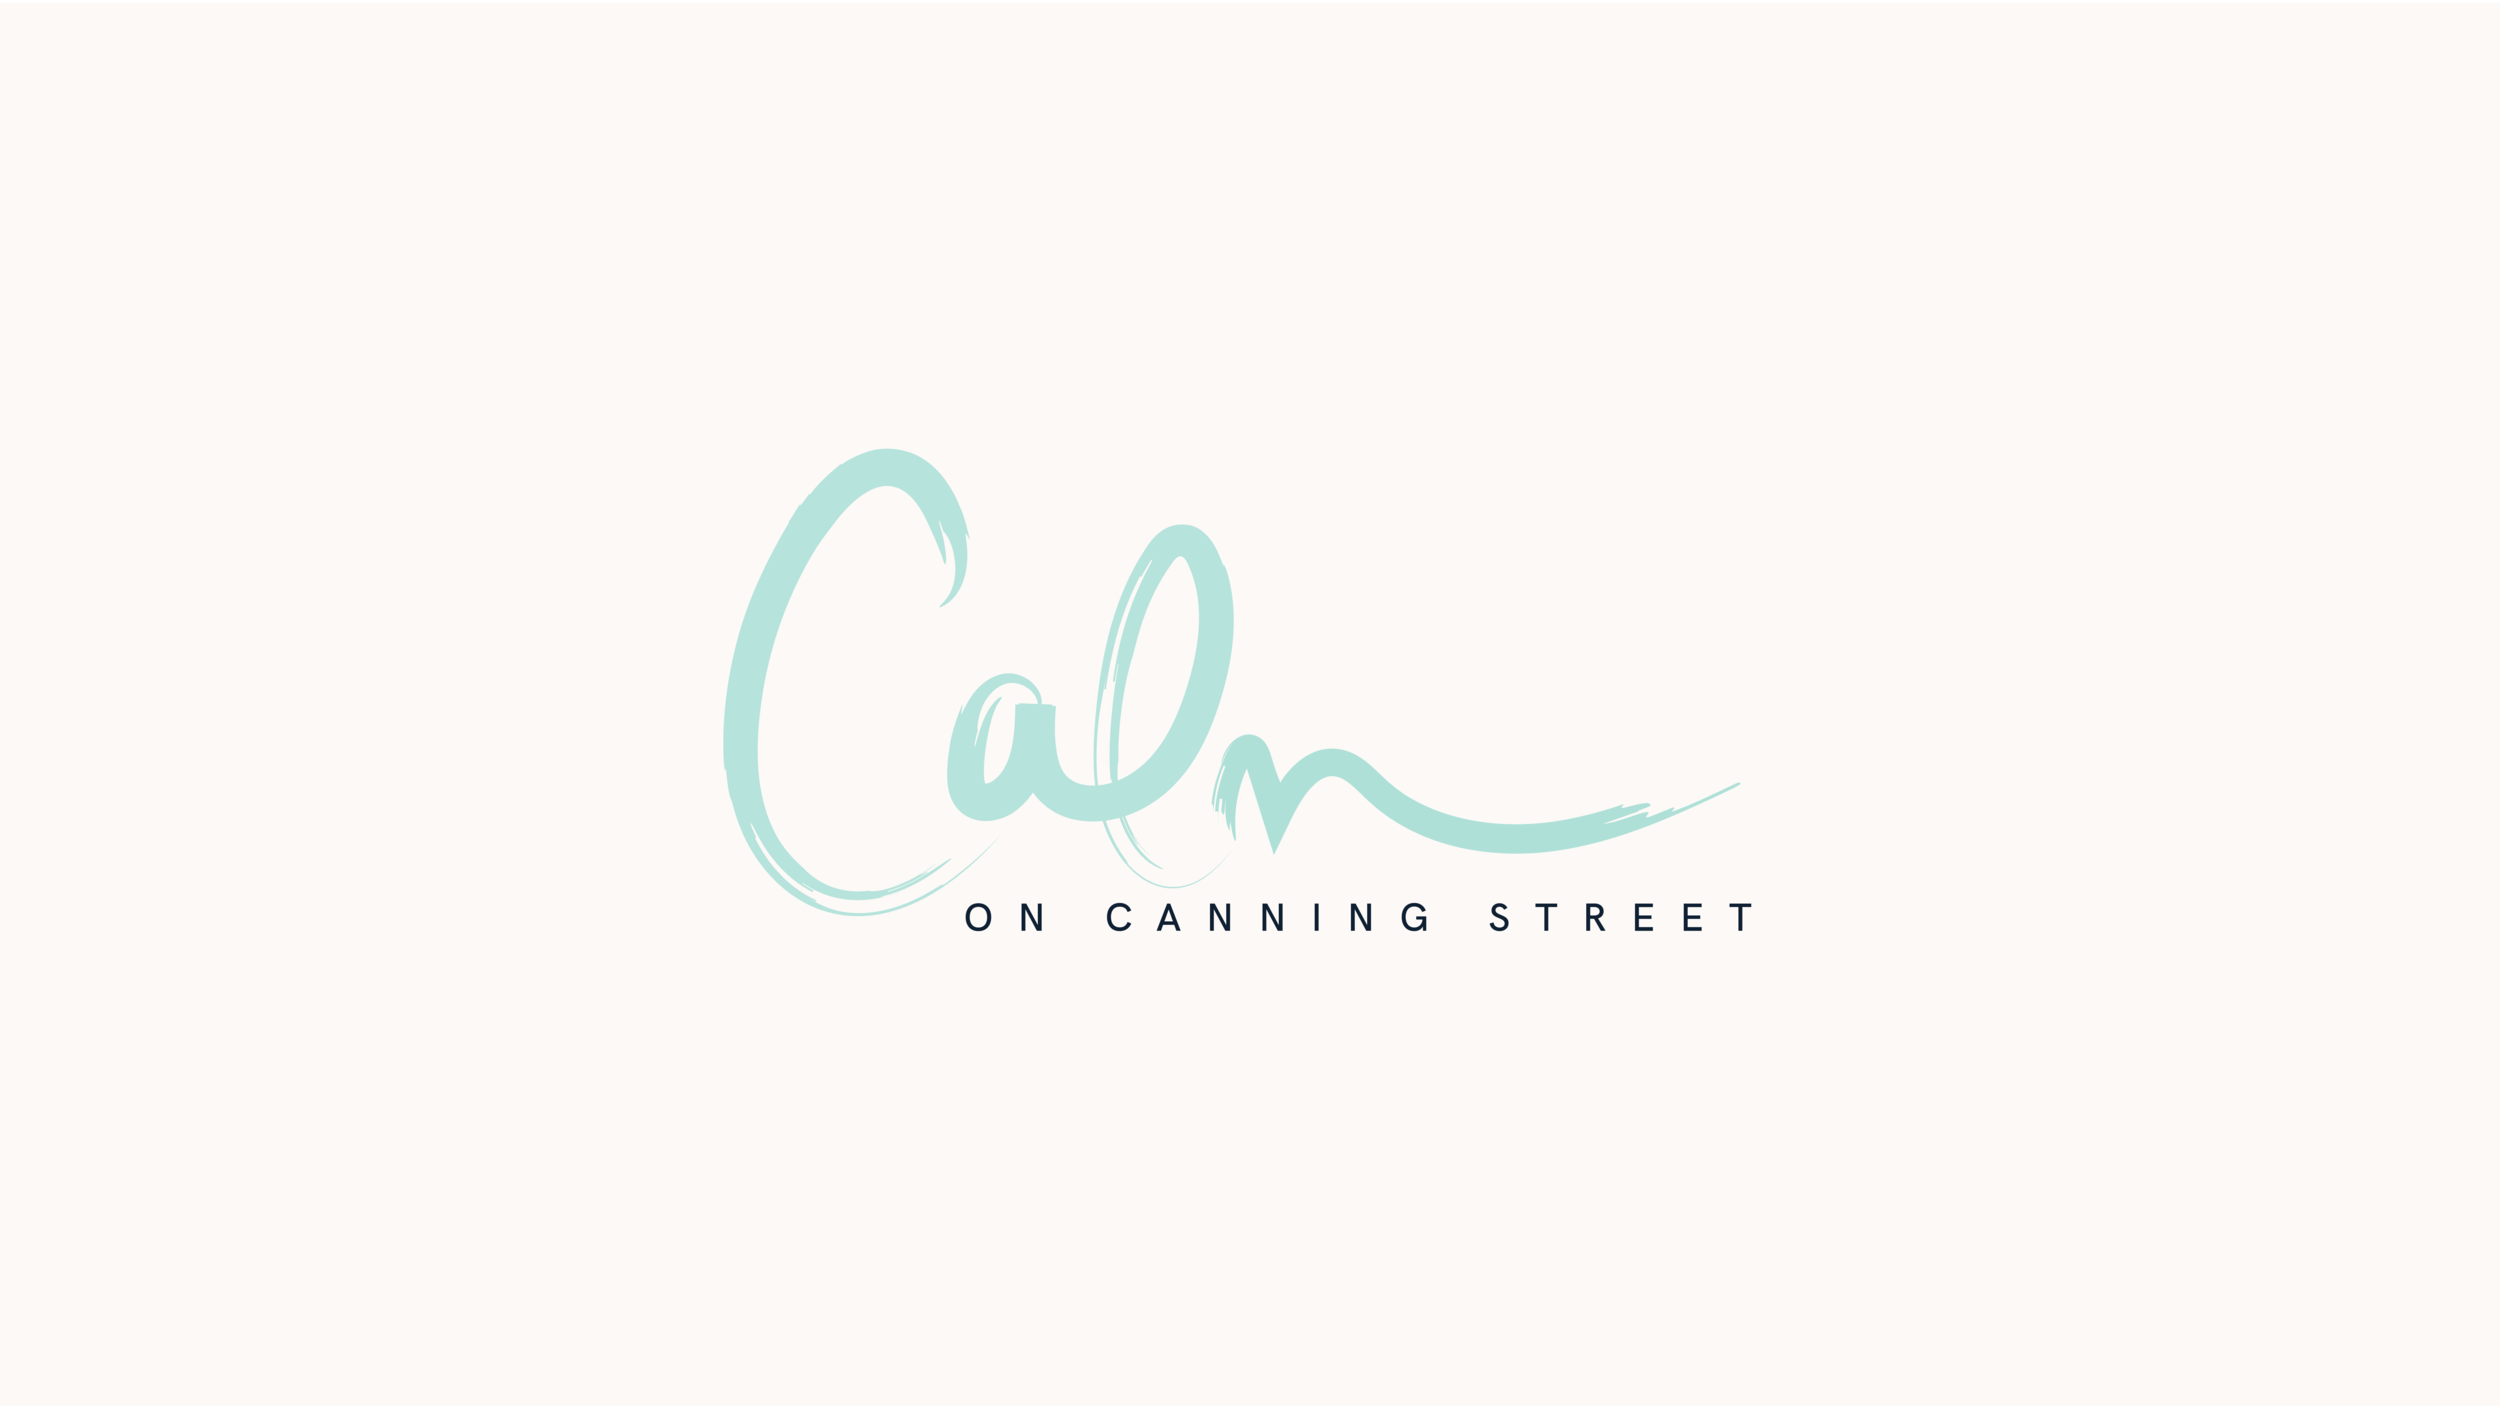 Assets-Website-Portfolio-CalmOnCanningStreet-Logo-01.png